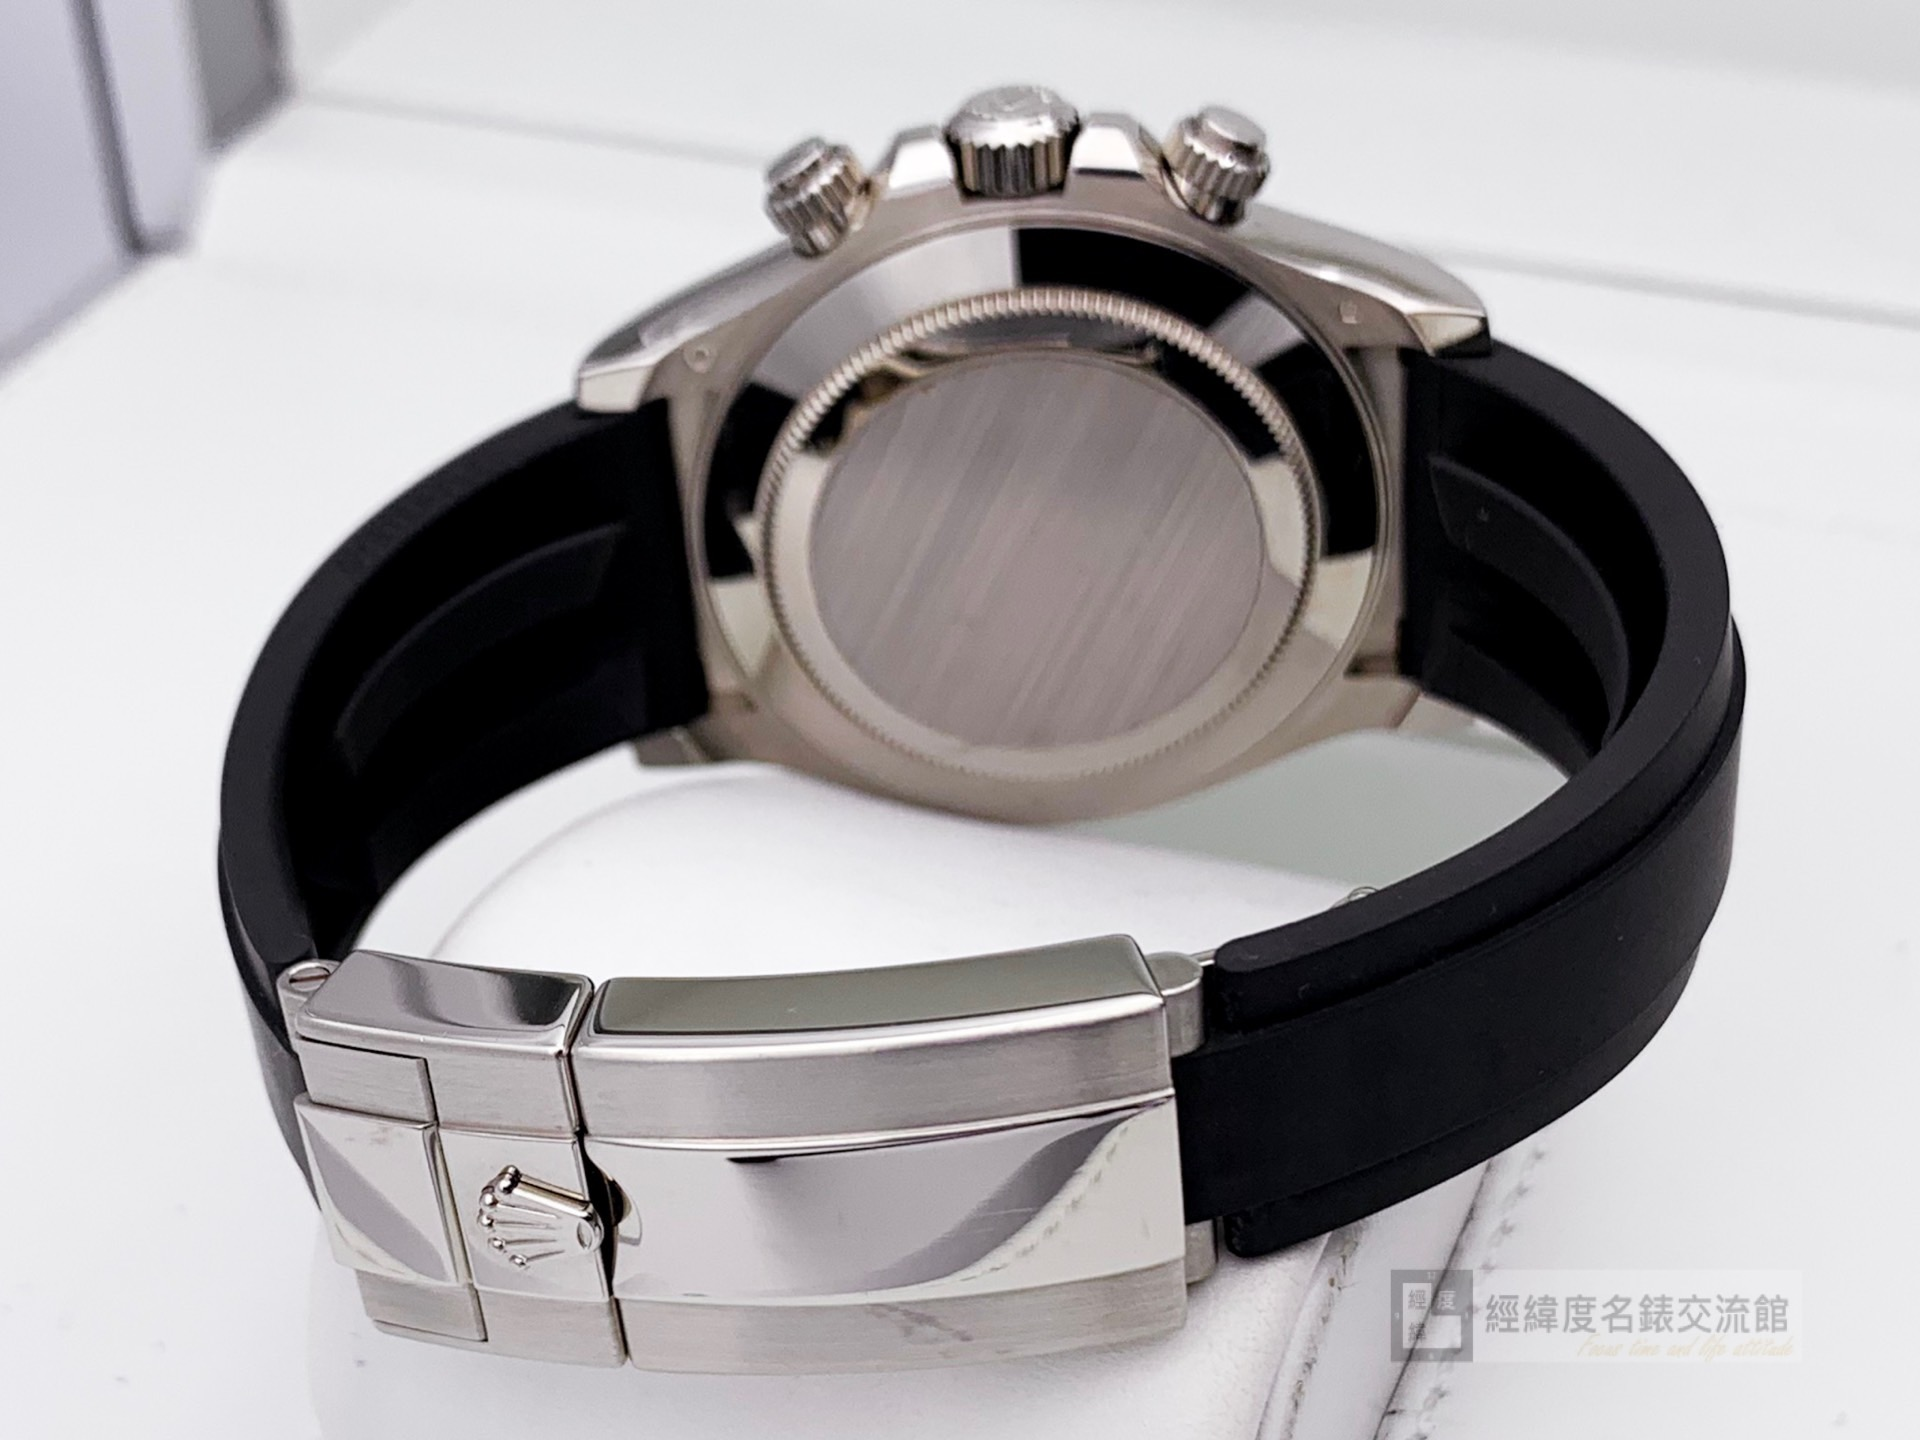 timeless design 0c211 86c76 中古錶二手錶經緯度名錶交流館TimeLifeWatches 交流買賣寄賣